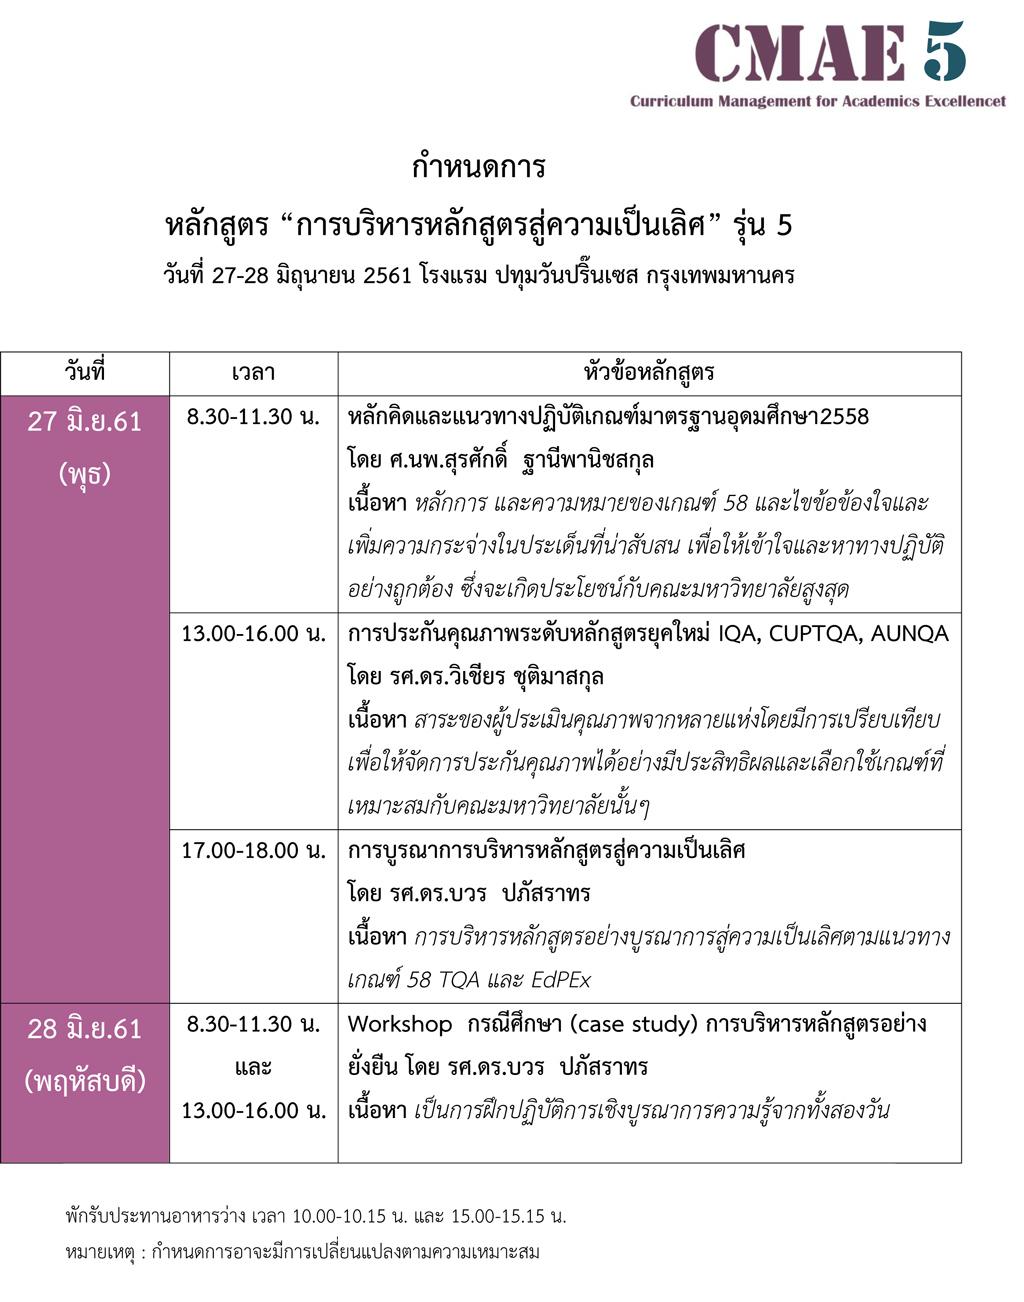 cmae5_agenda